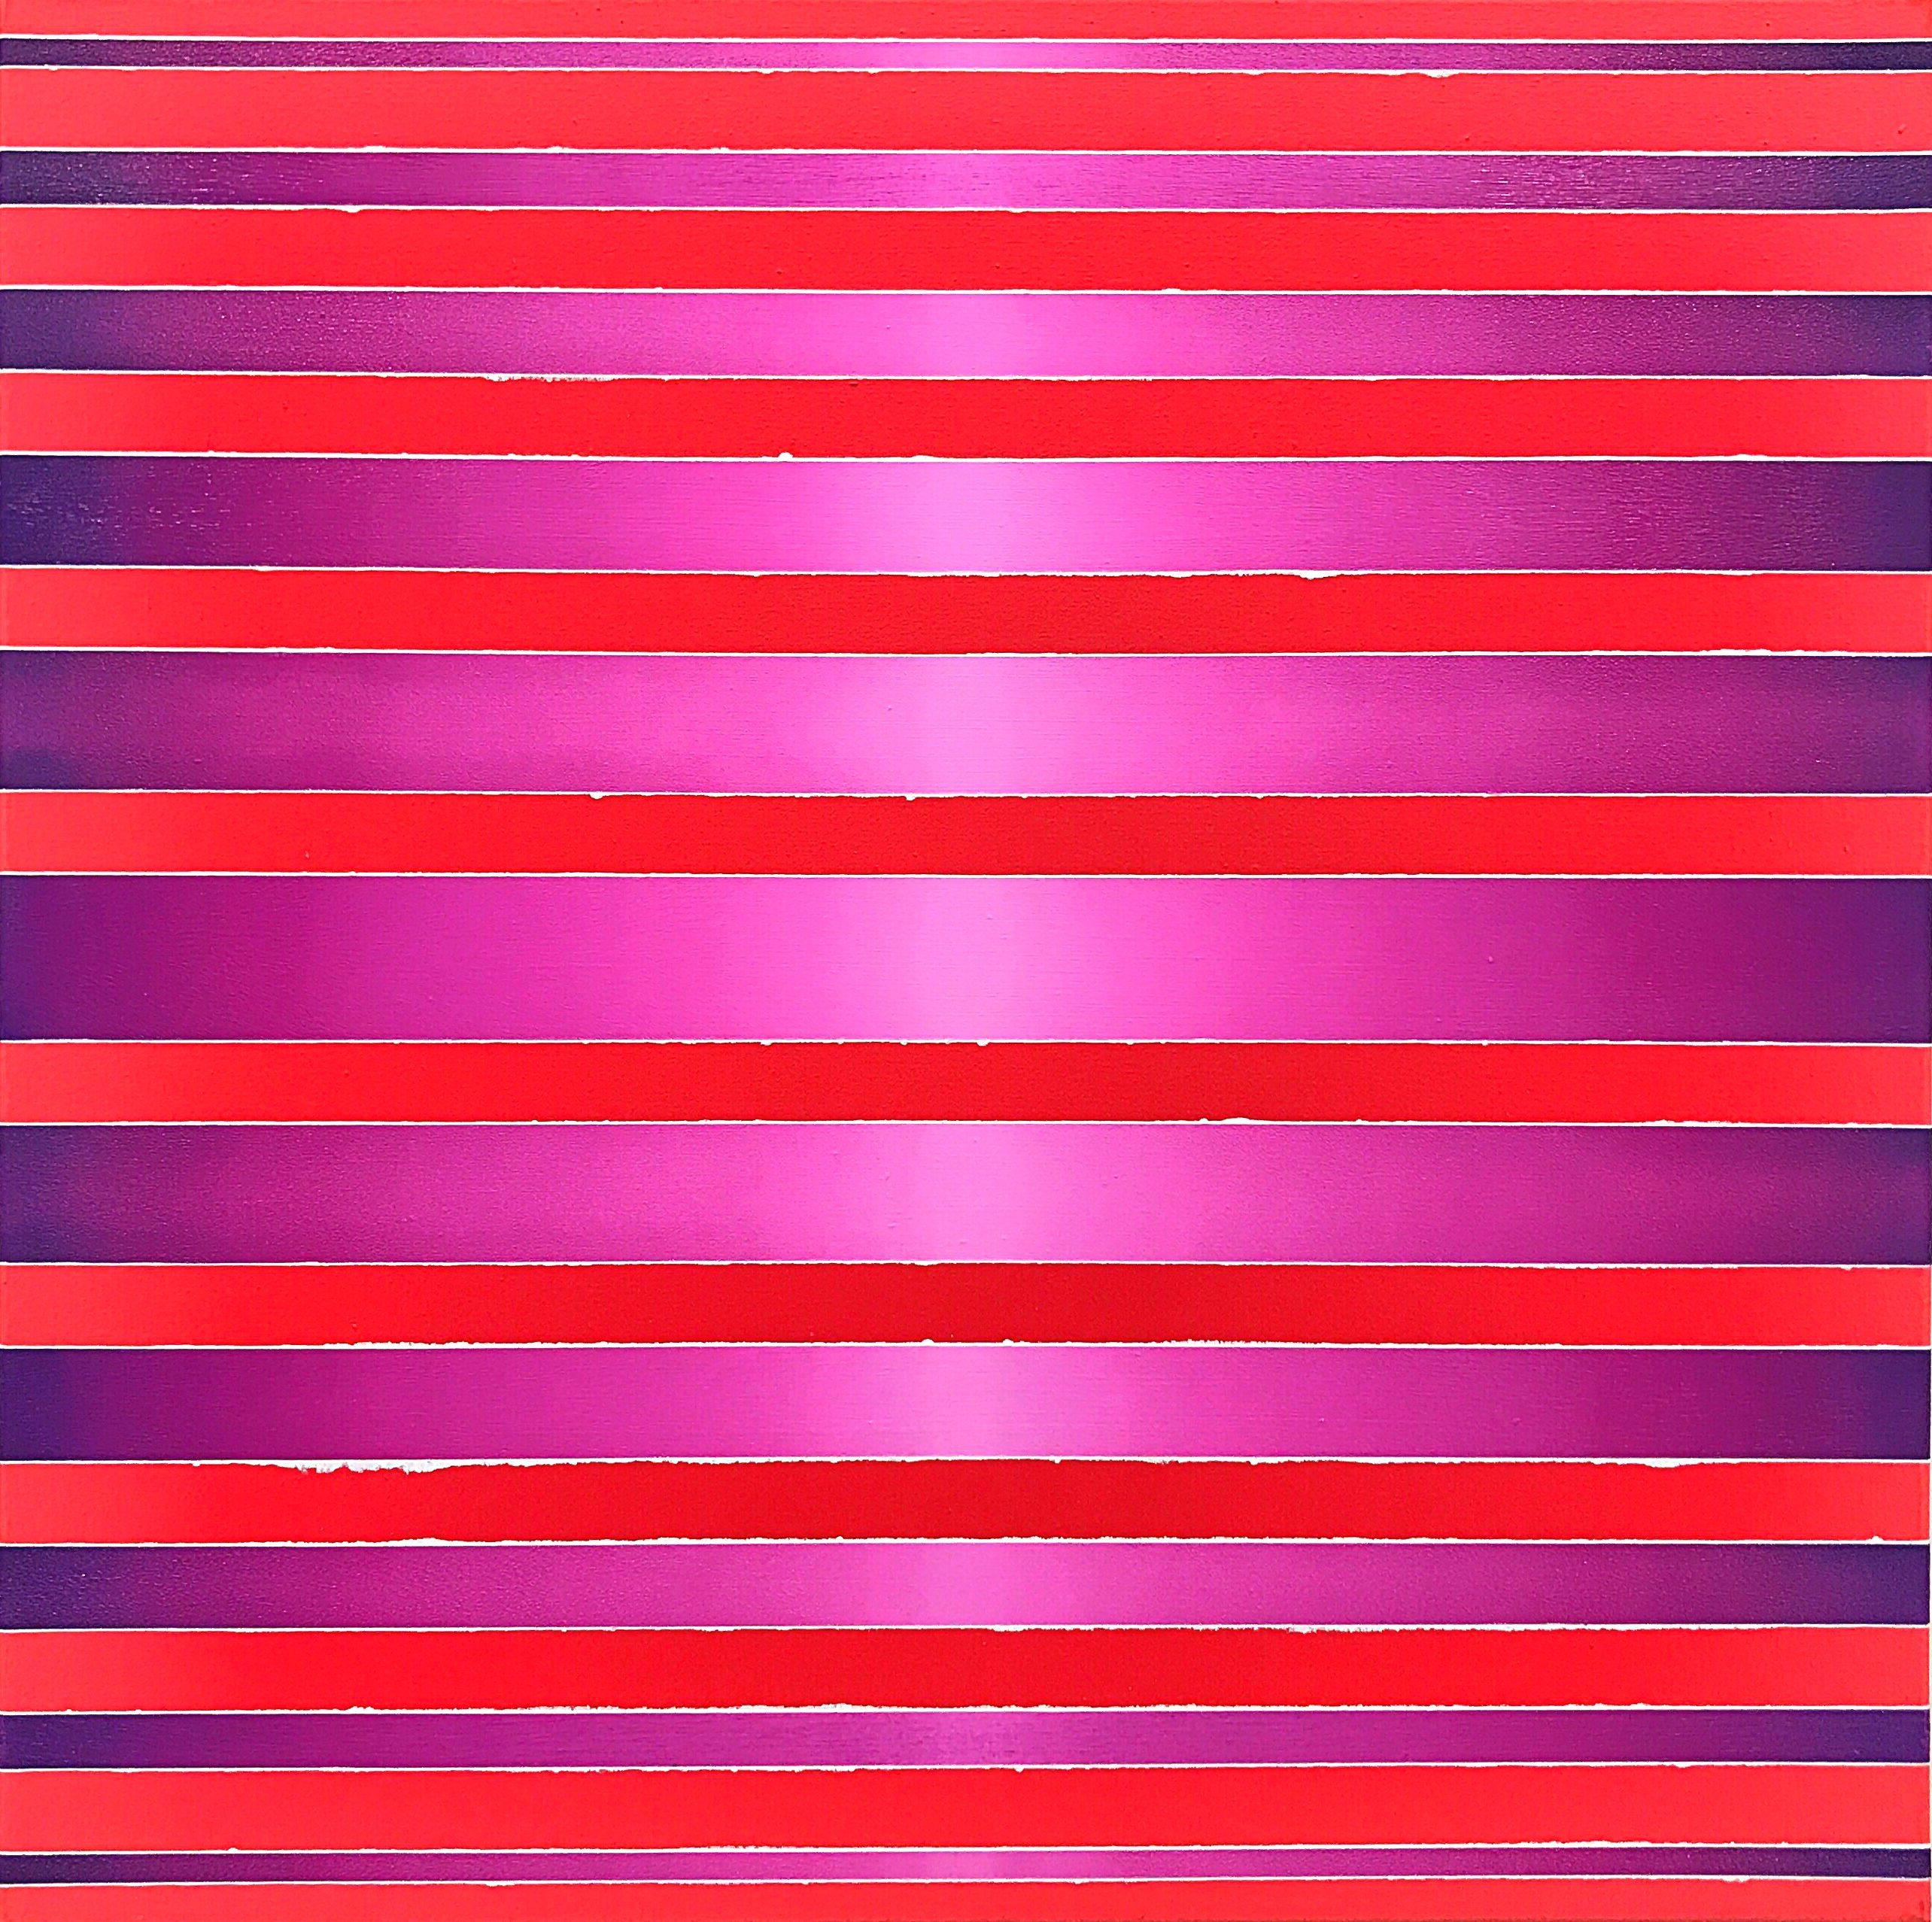 WAHRNEHMUNGSSTREIFEN 08 Leinwand : 70 x 70 x 2 cm Acrylic Oil on canvas